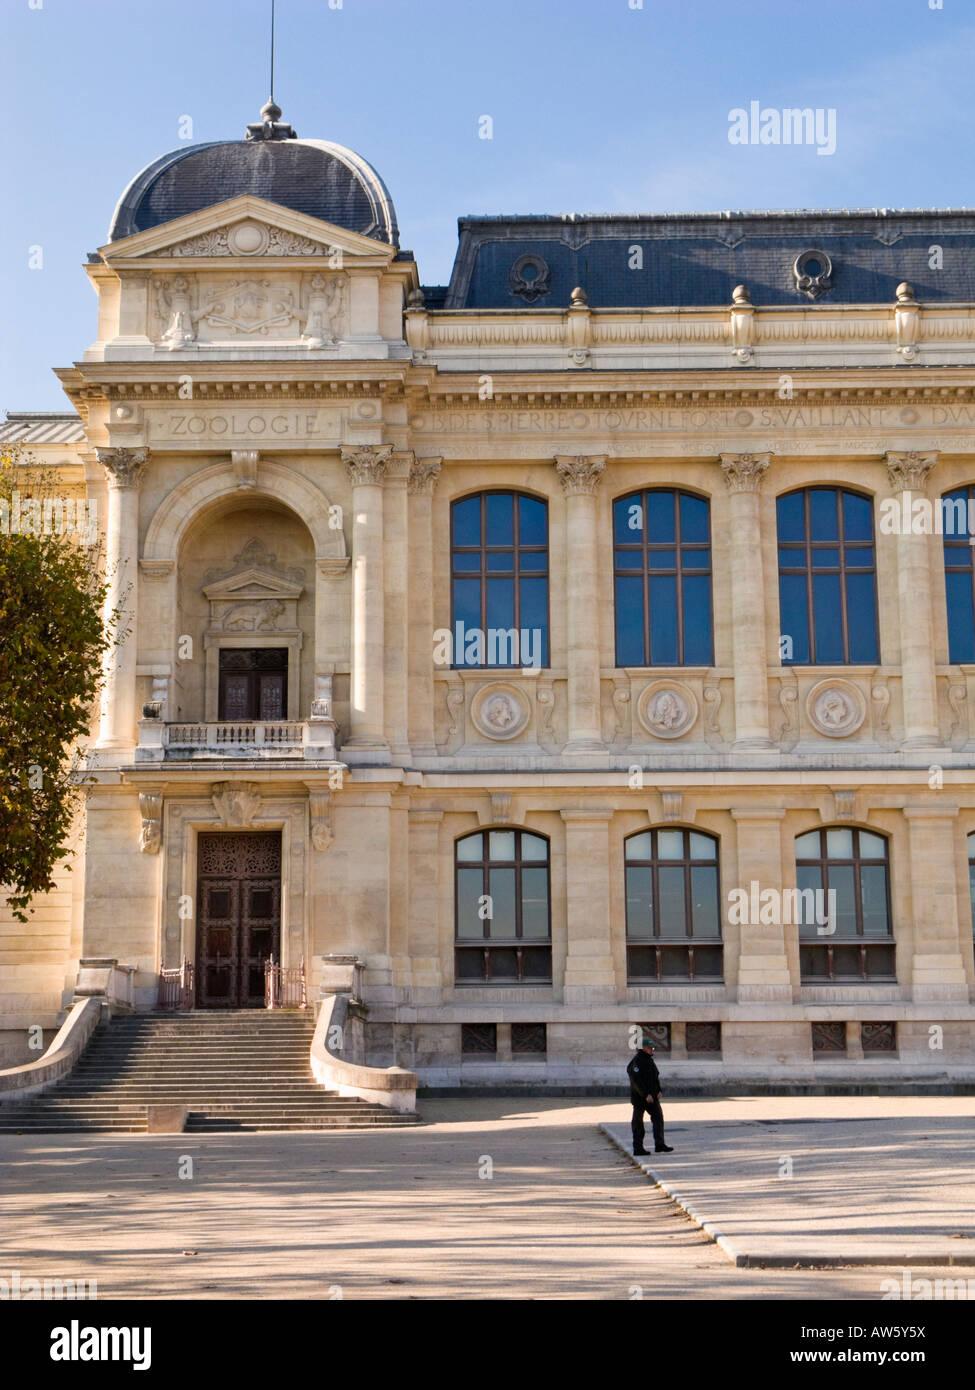 Jardin des Plantes, Paris - Le Grande Galerie de L'Evolution at the Museum National d'Histoire Naturelle - Stock Image